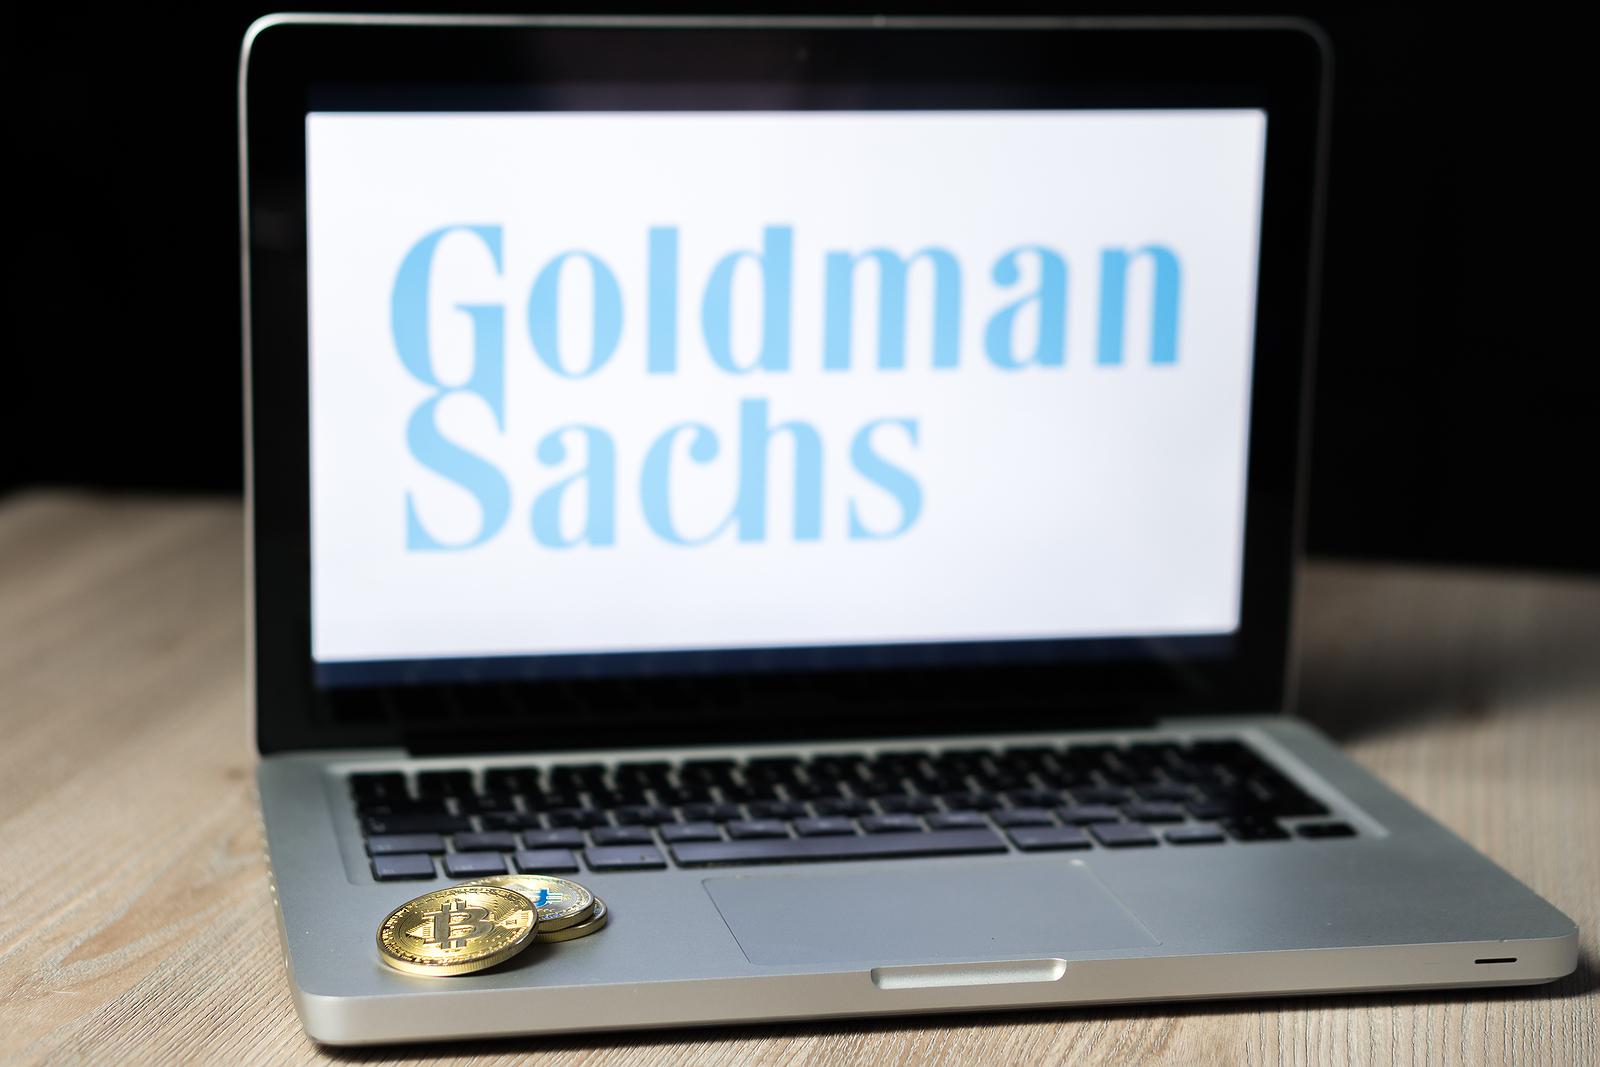 Les analystes de Goldman Sachs sont divisés sur la question de savoir si le Bitcoin et les cryptomonnaies sont une classe d'actifs pour